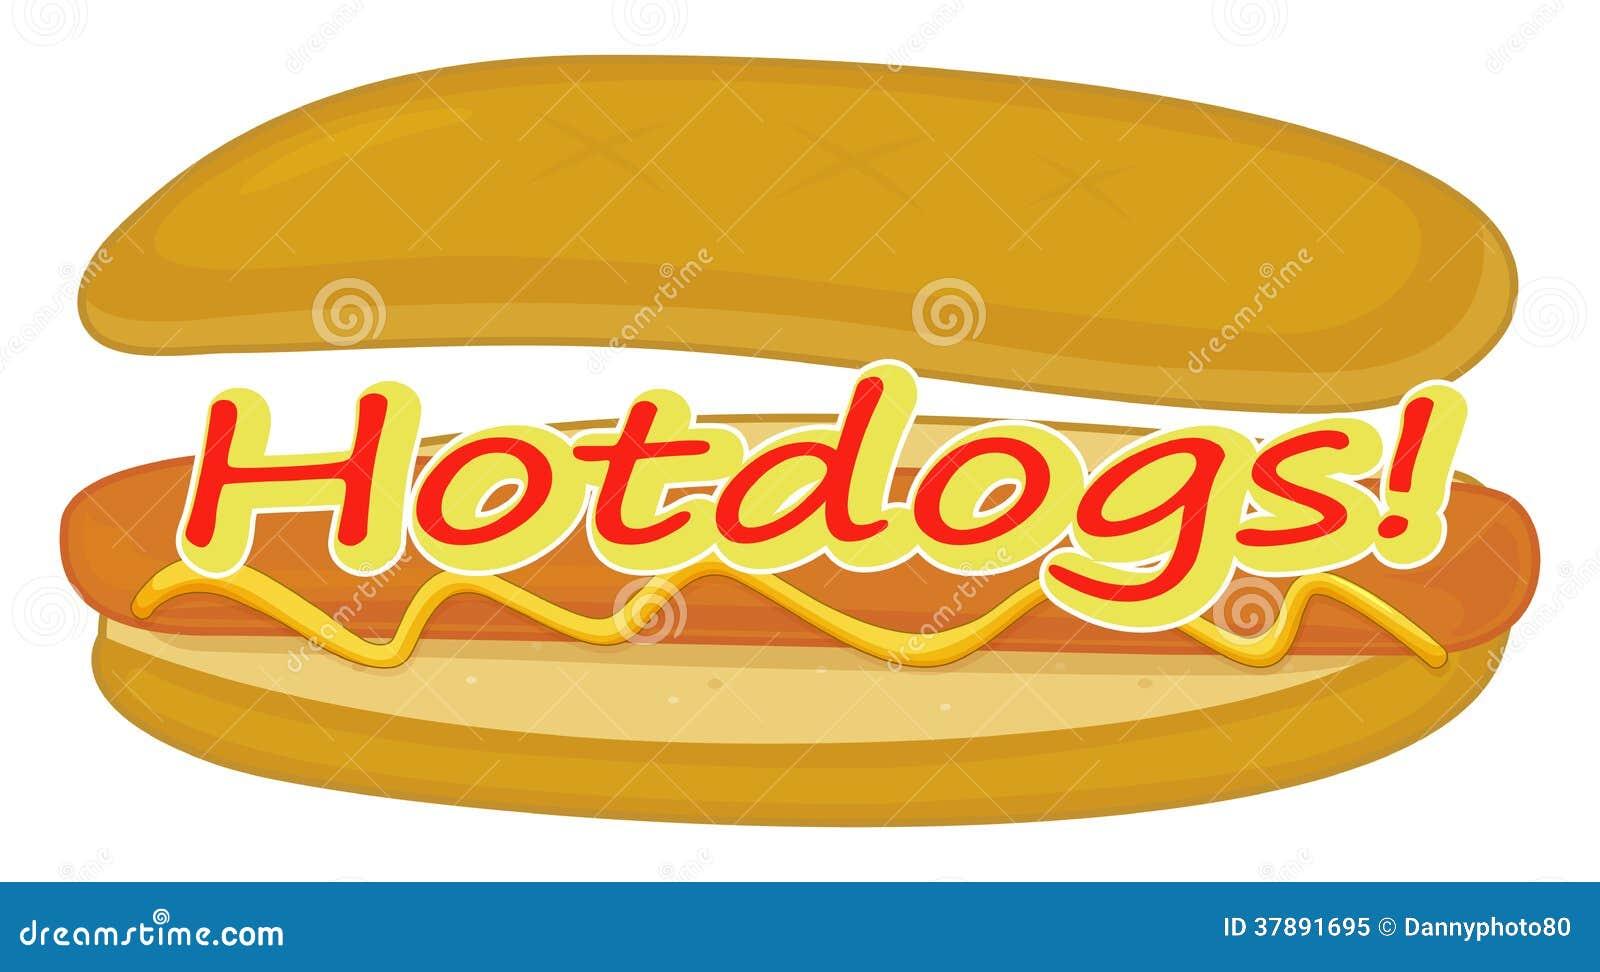 Een hotdogetiket